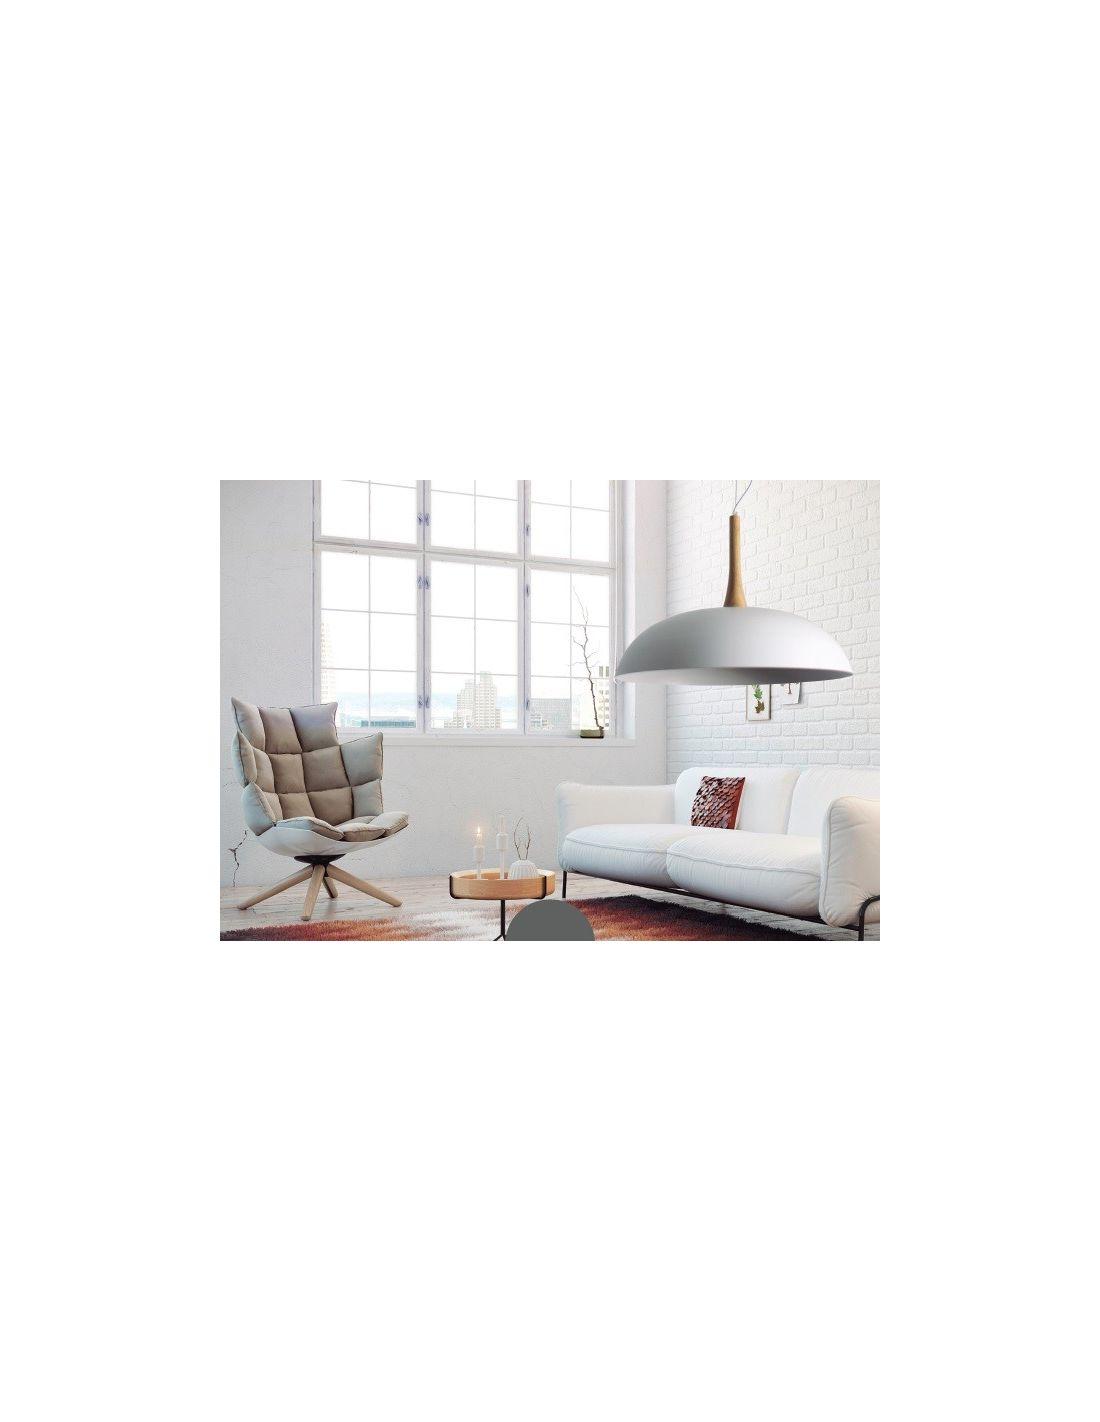 comprar l mpara de madera estilo n rdico env o r pido y On lamparas estilo nordico